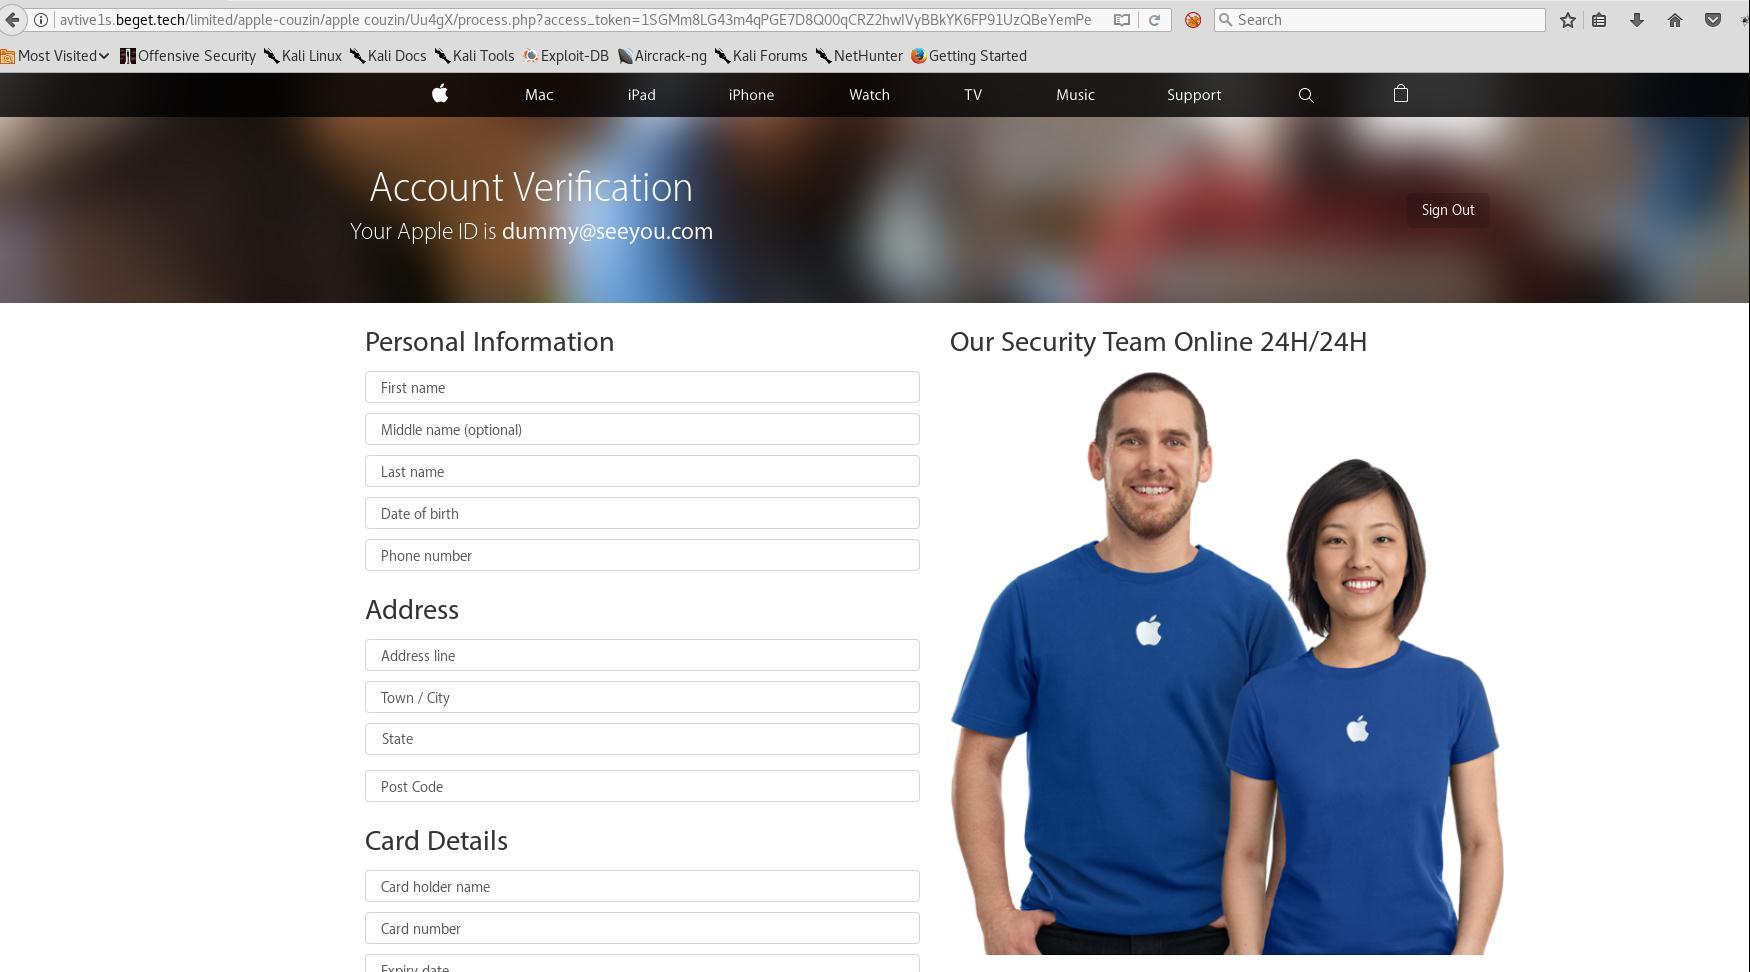 【網路釣魚警訊】「帳號出現異常活動 請更新您的付款資料」一按下去, Apple ID 就被盜